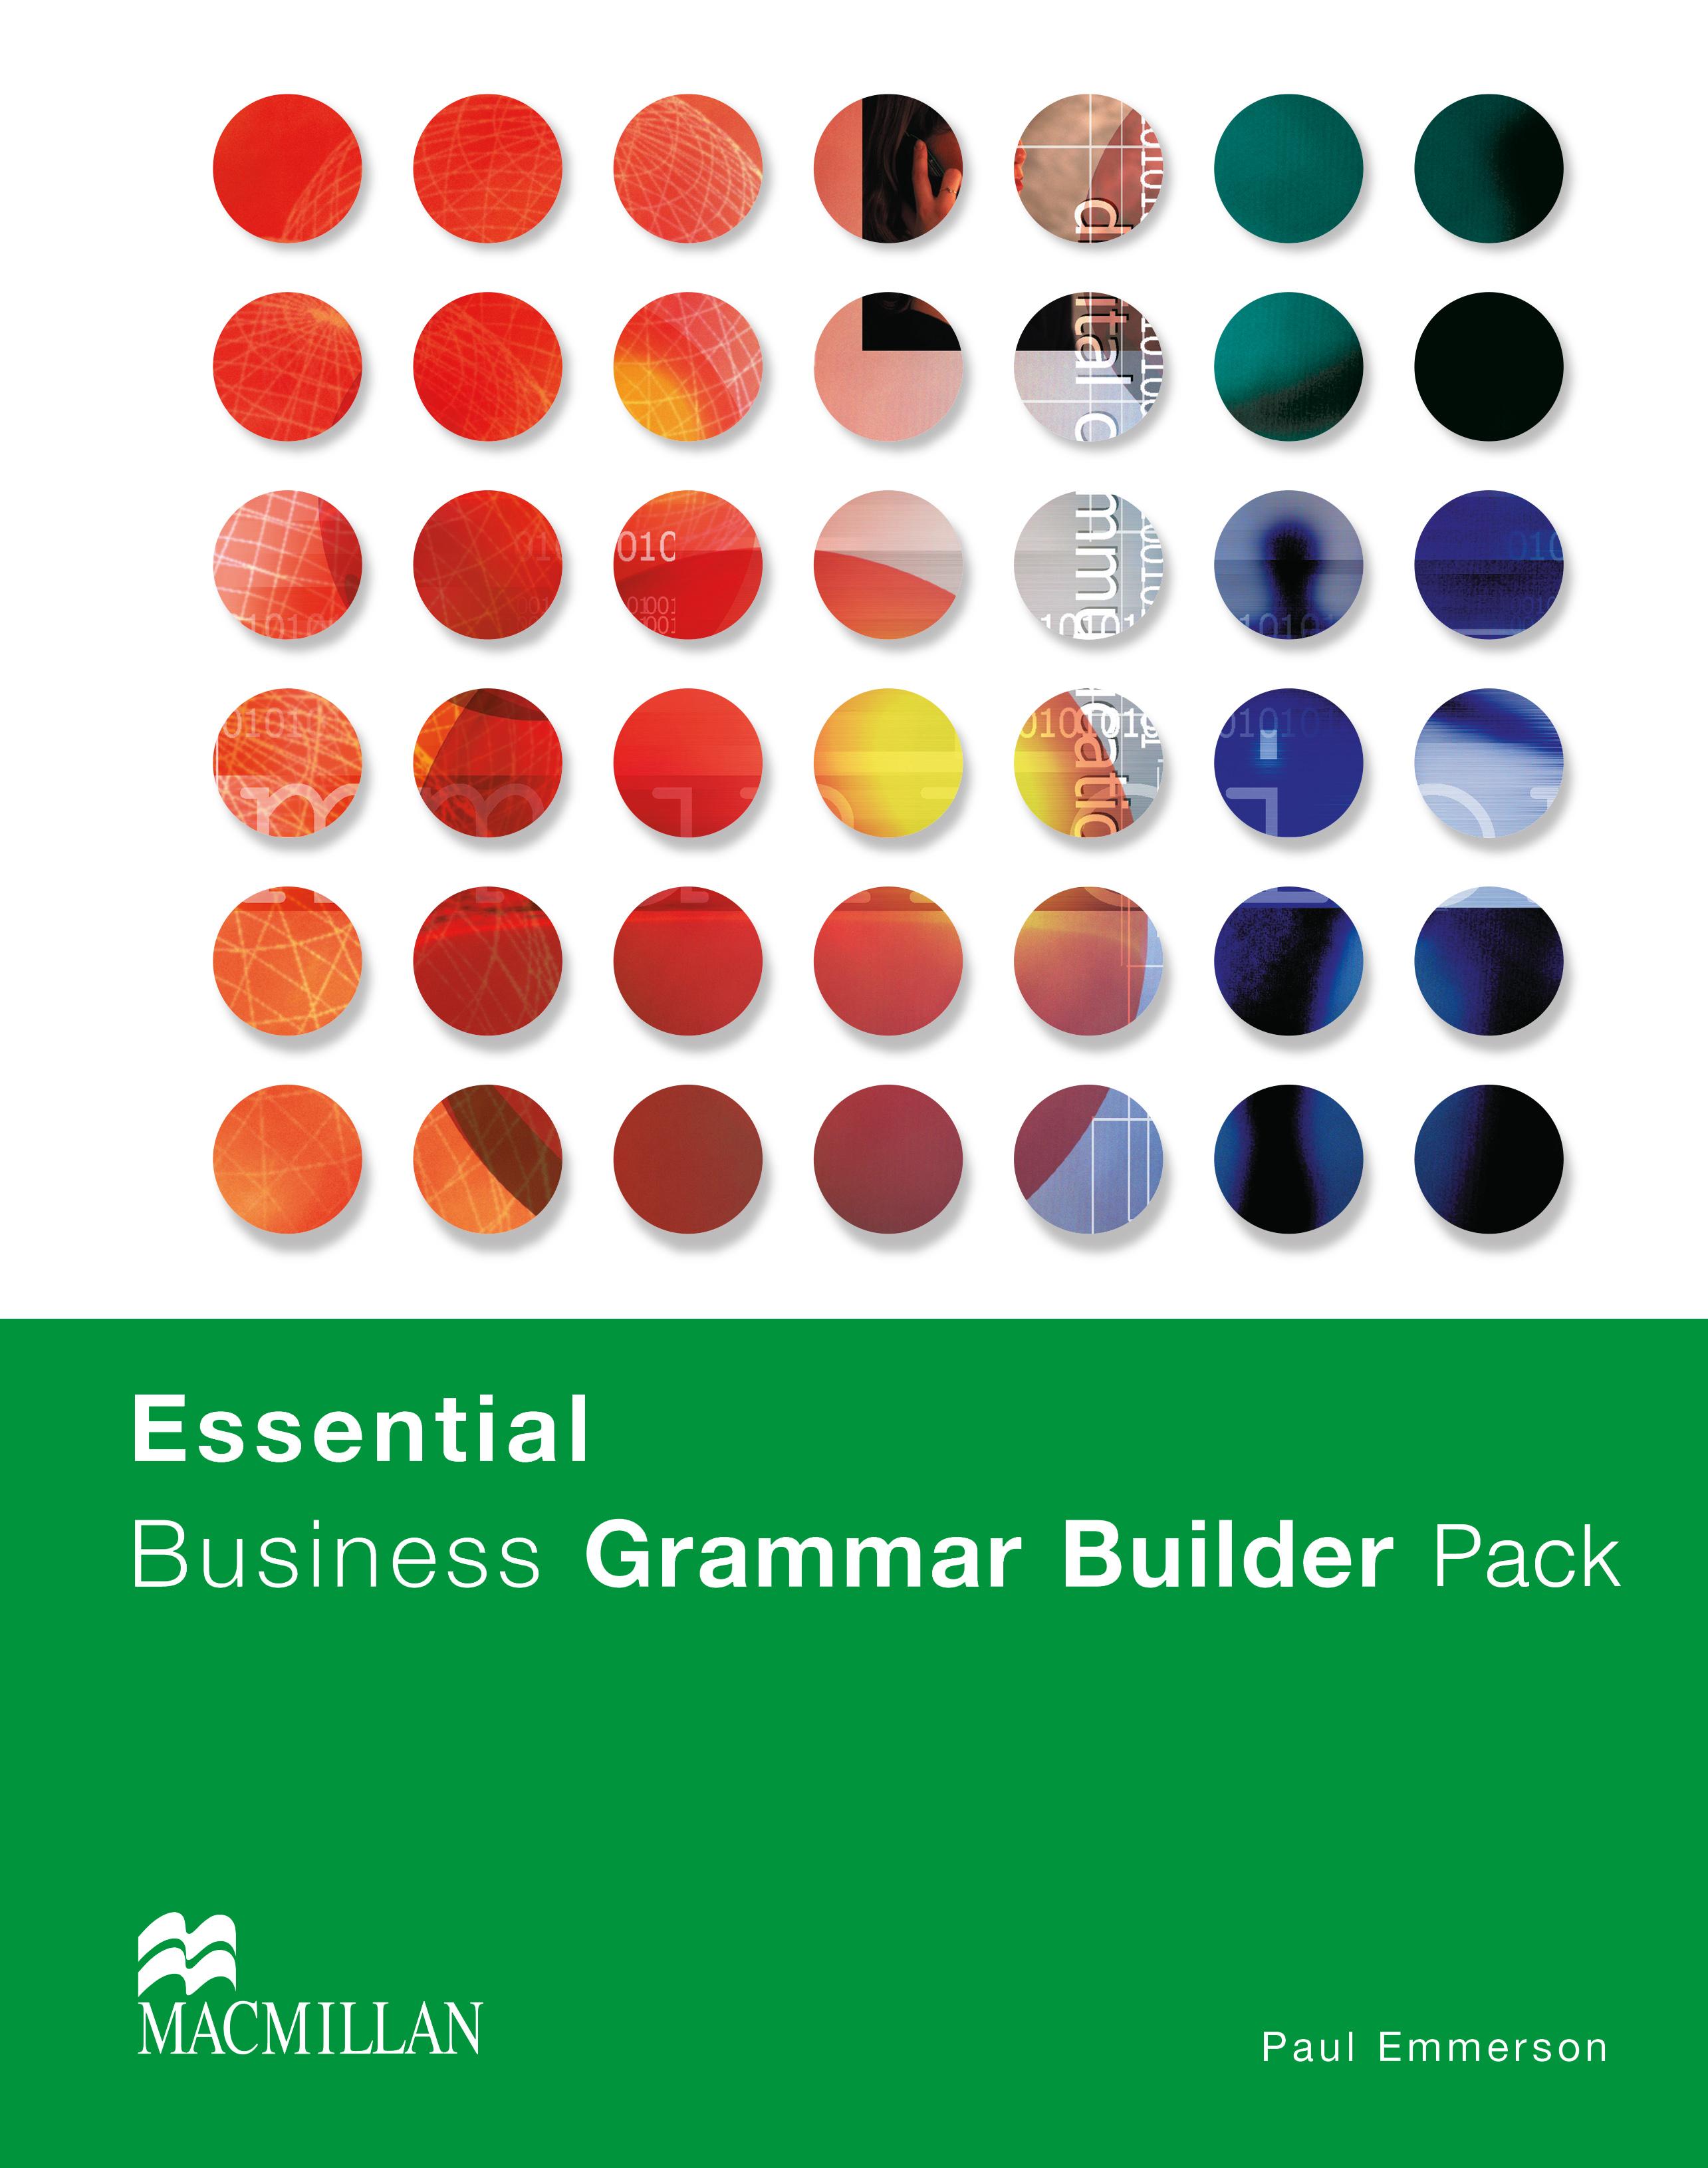 Essential Business Grammar Builder